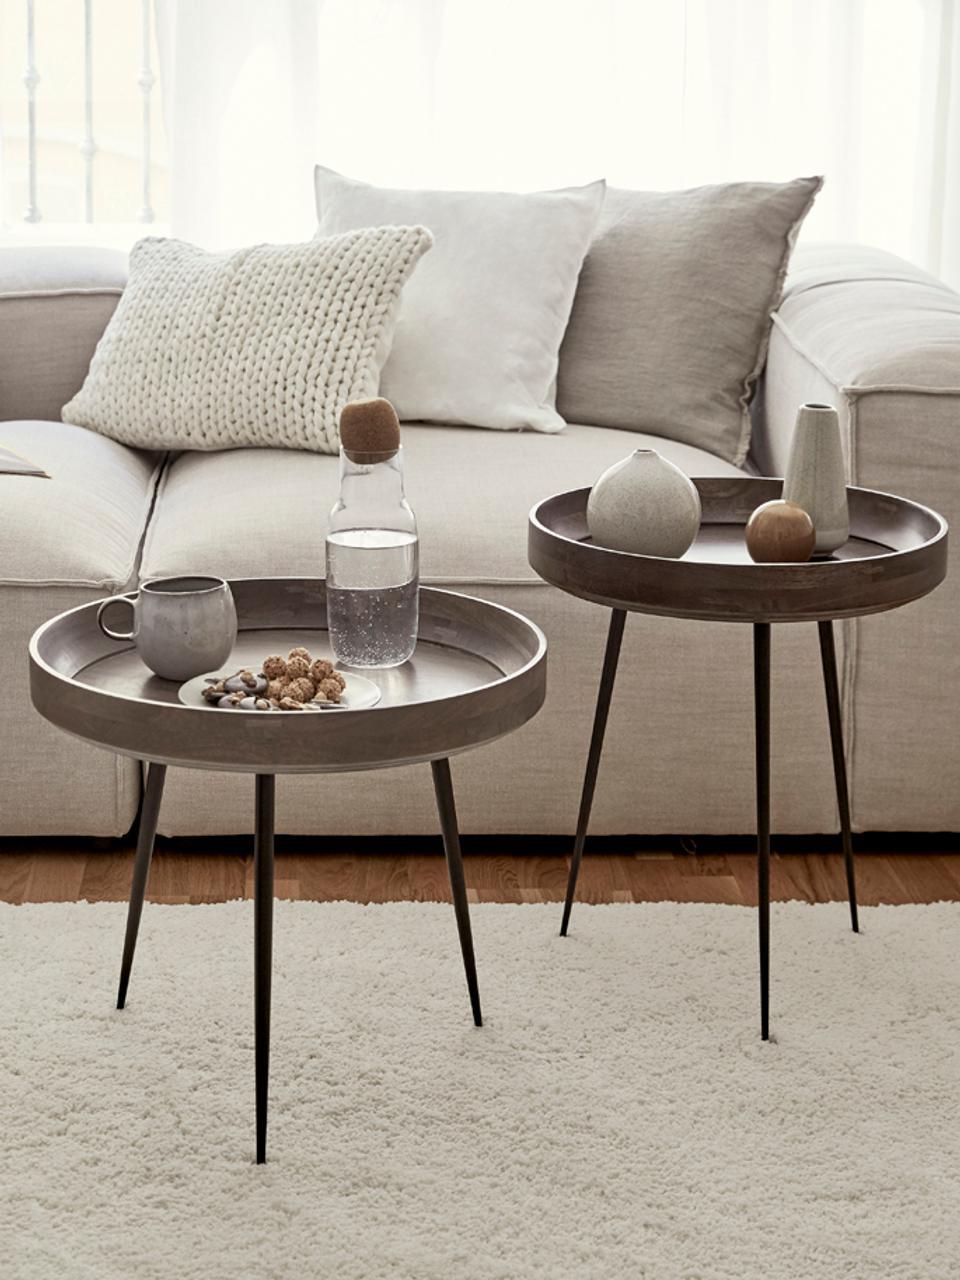 Design bijzettafel Bowl Table van mangohout, Tafelblad: gebeitst en gelakt mangoh, Poten: gepoedercoat staal, Donkerbruin, zwart, Ø 46 x H 52 cm